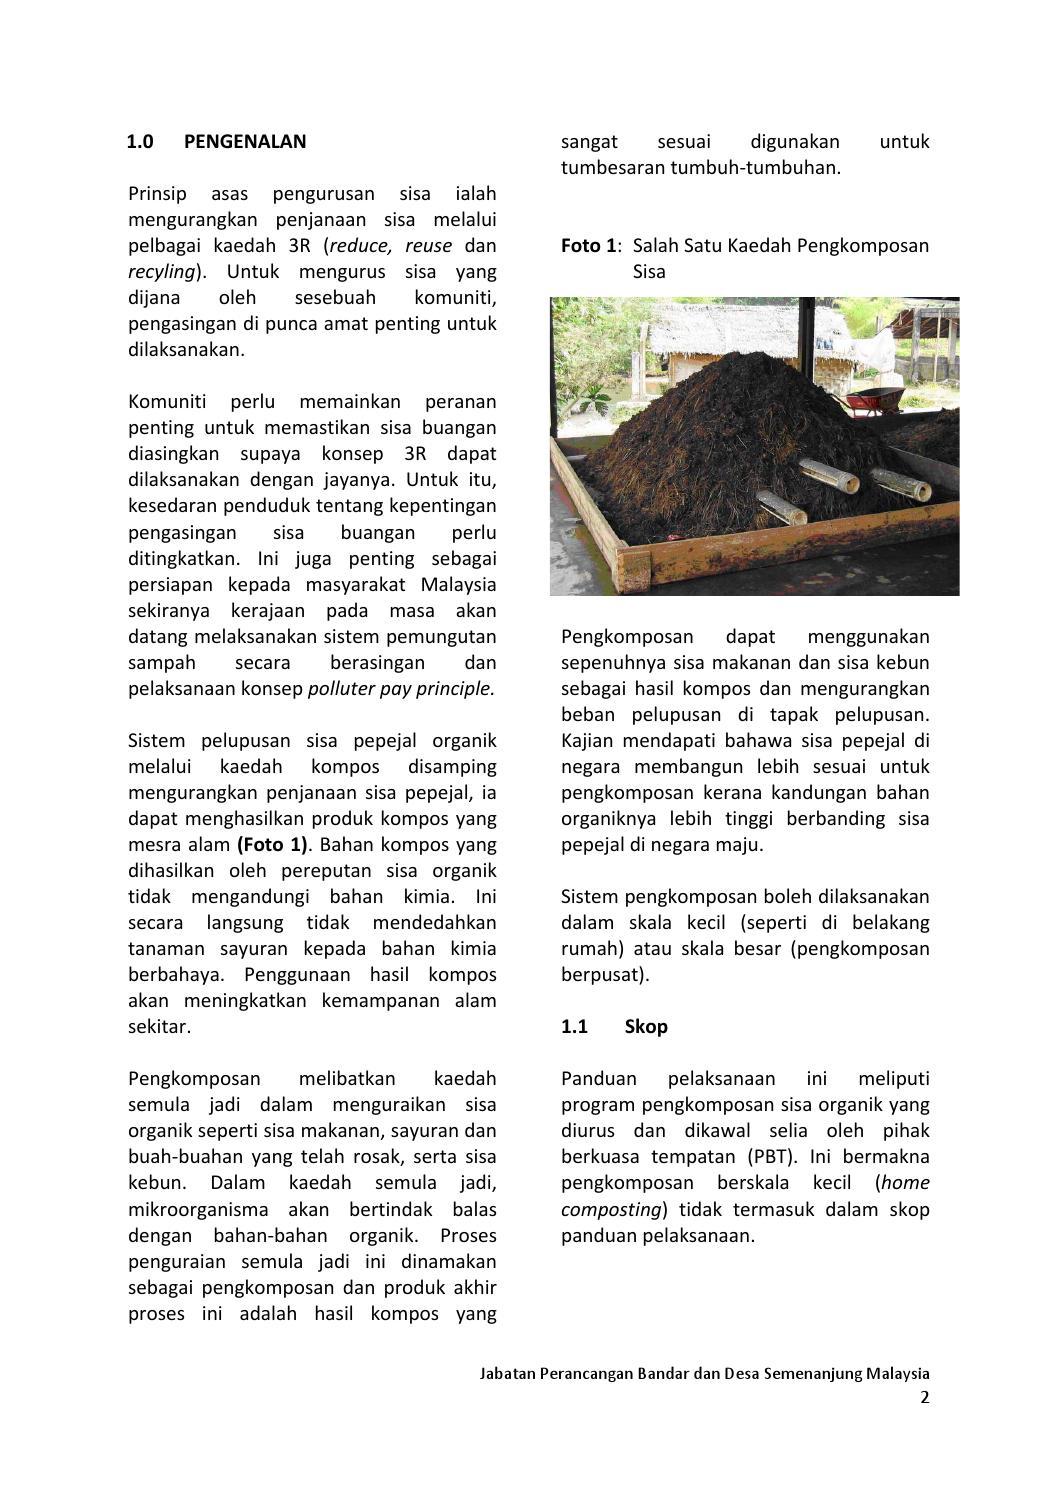 panduan pelaksanaan inisiatif pembangunan kejiranan hijau